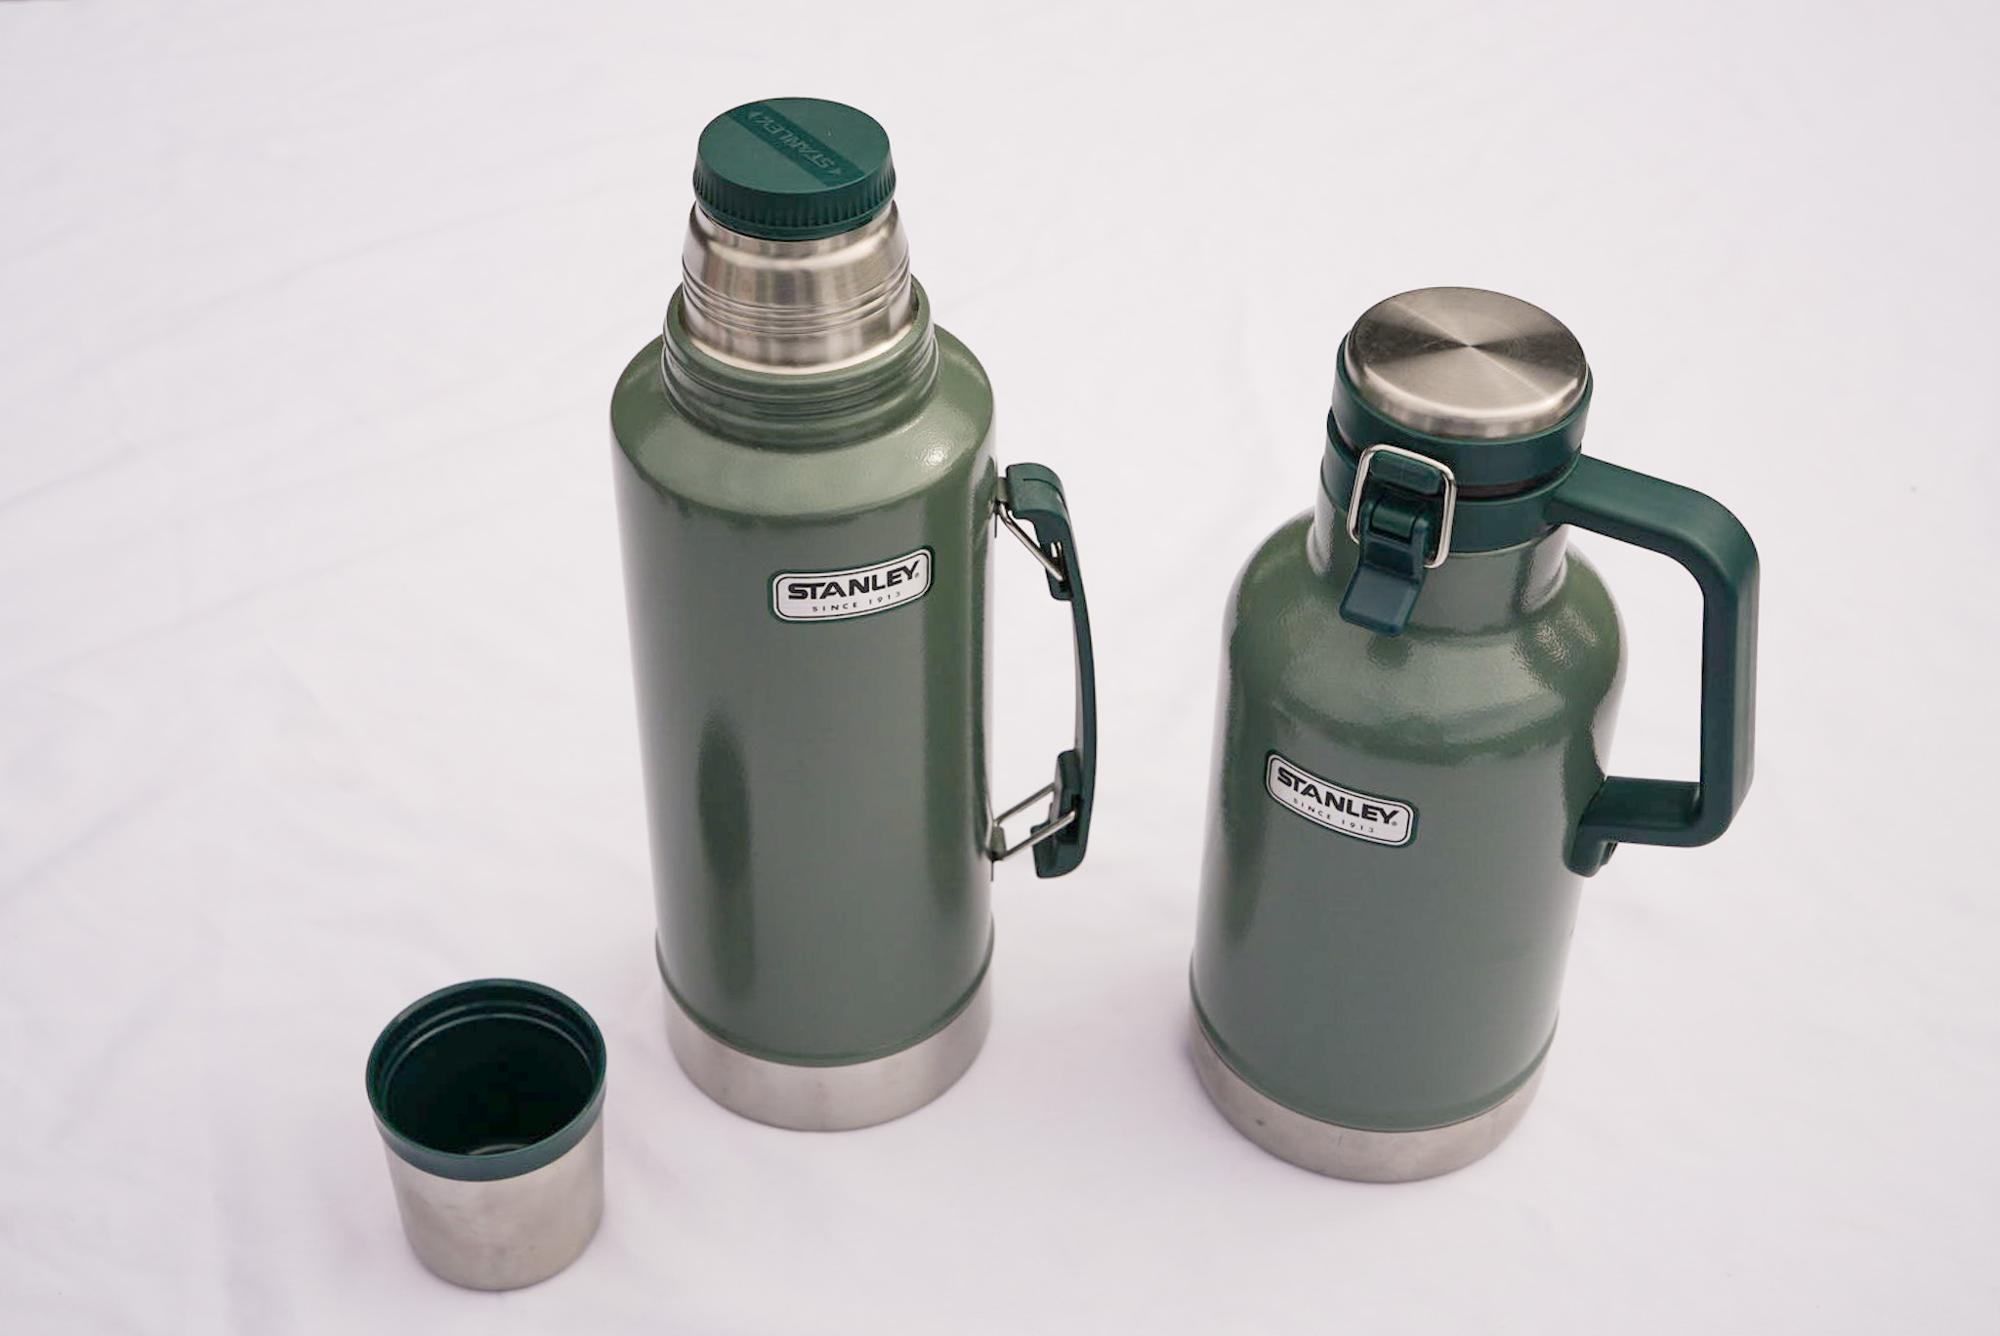 左から水筒、グラウラー。グラウラーは炭酸飲料を入れてもOKな魔法瓶